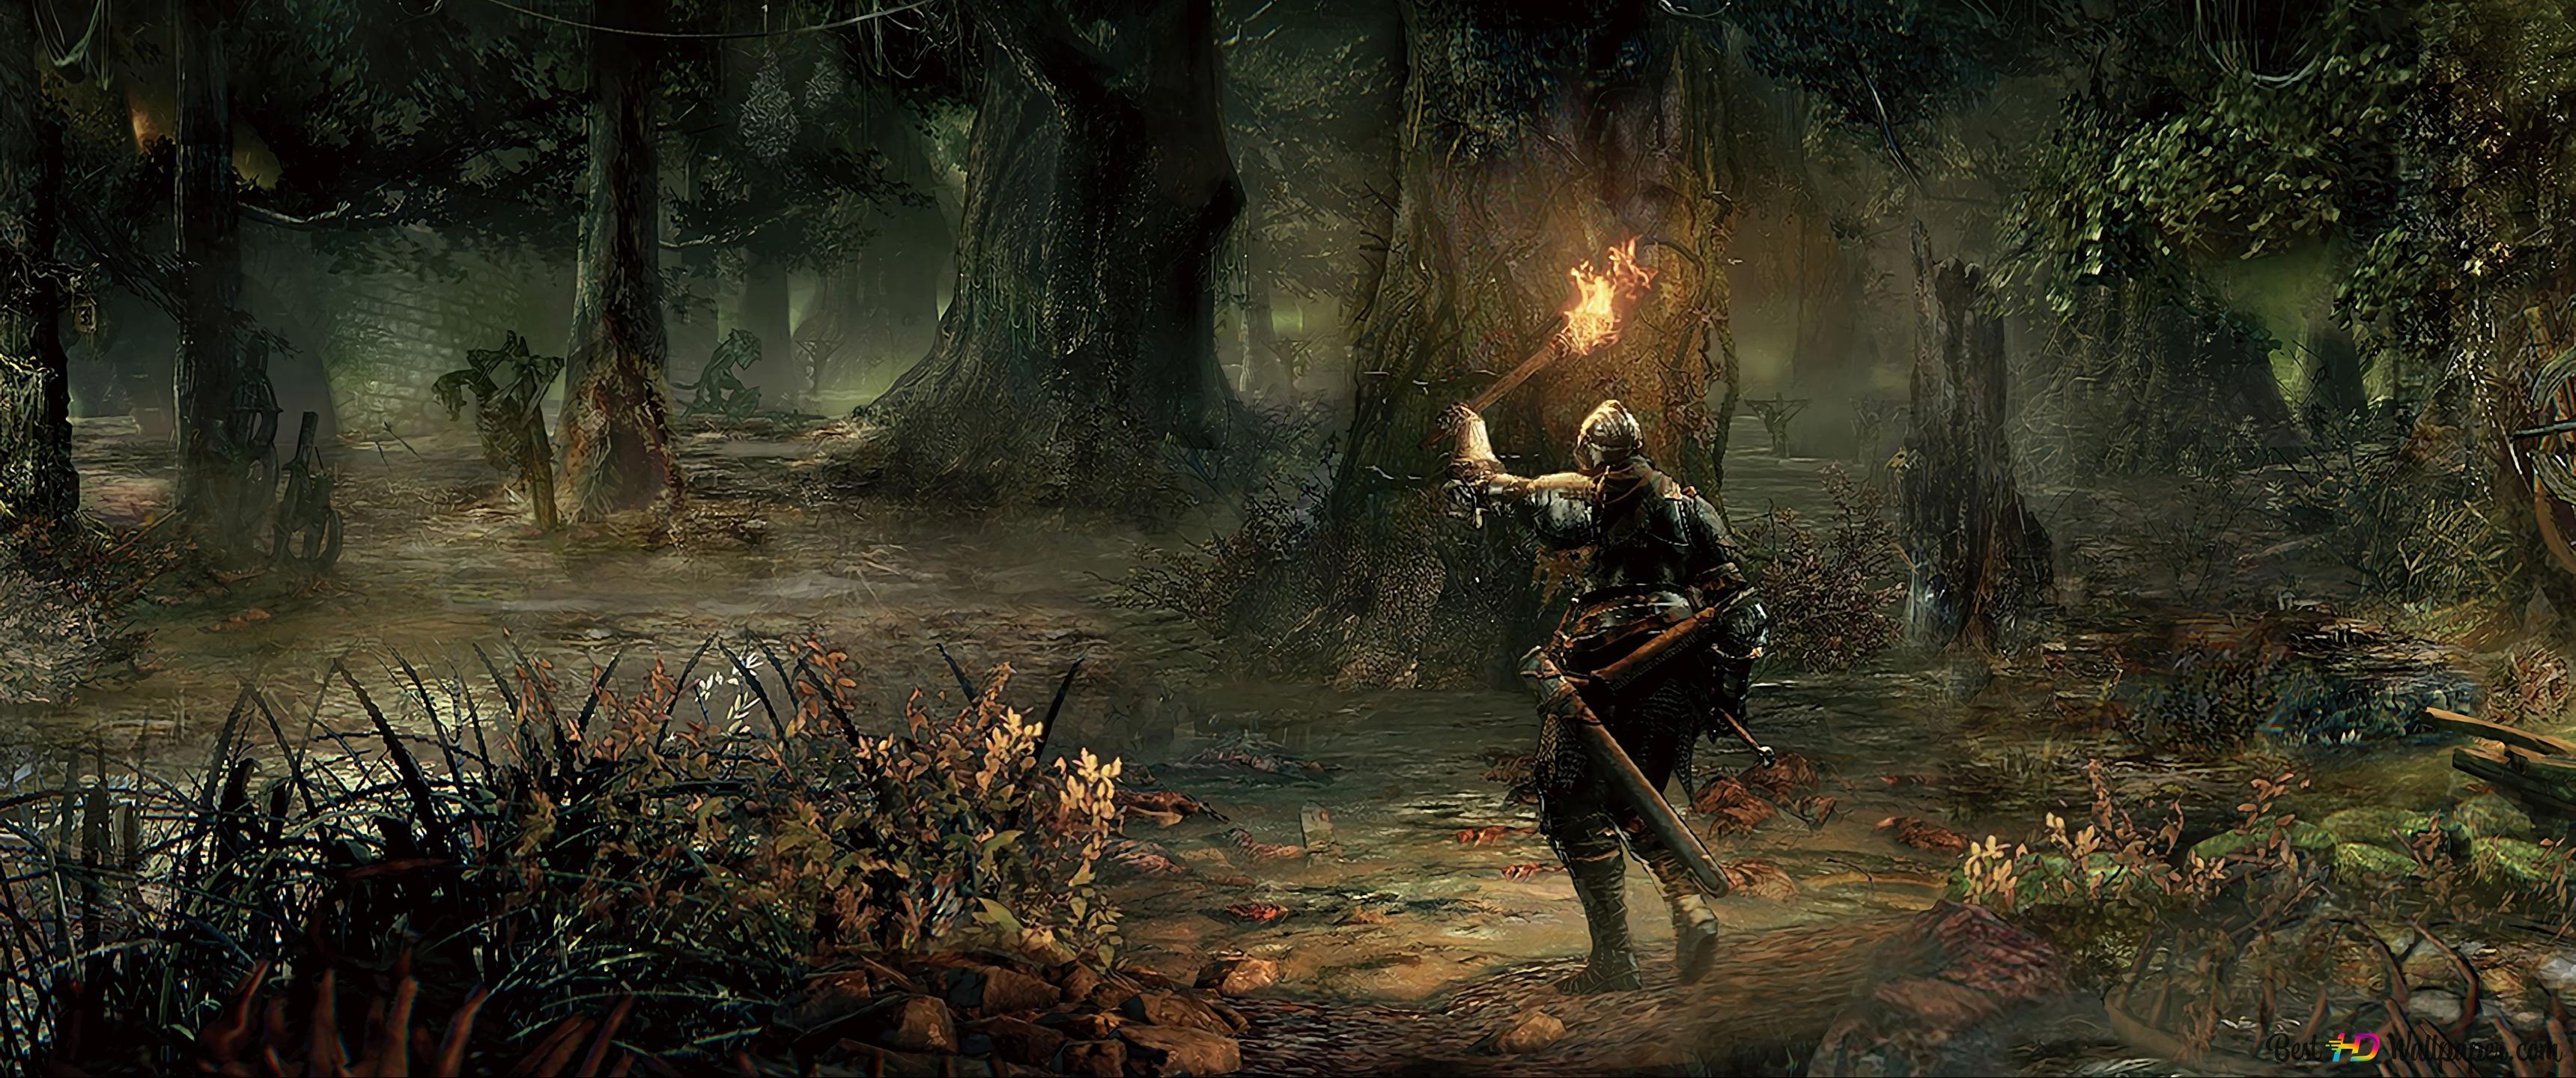 Dark Souls Iii Action Game Hd Wallpaper Download